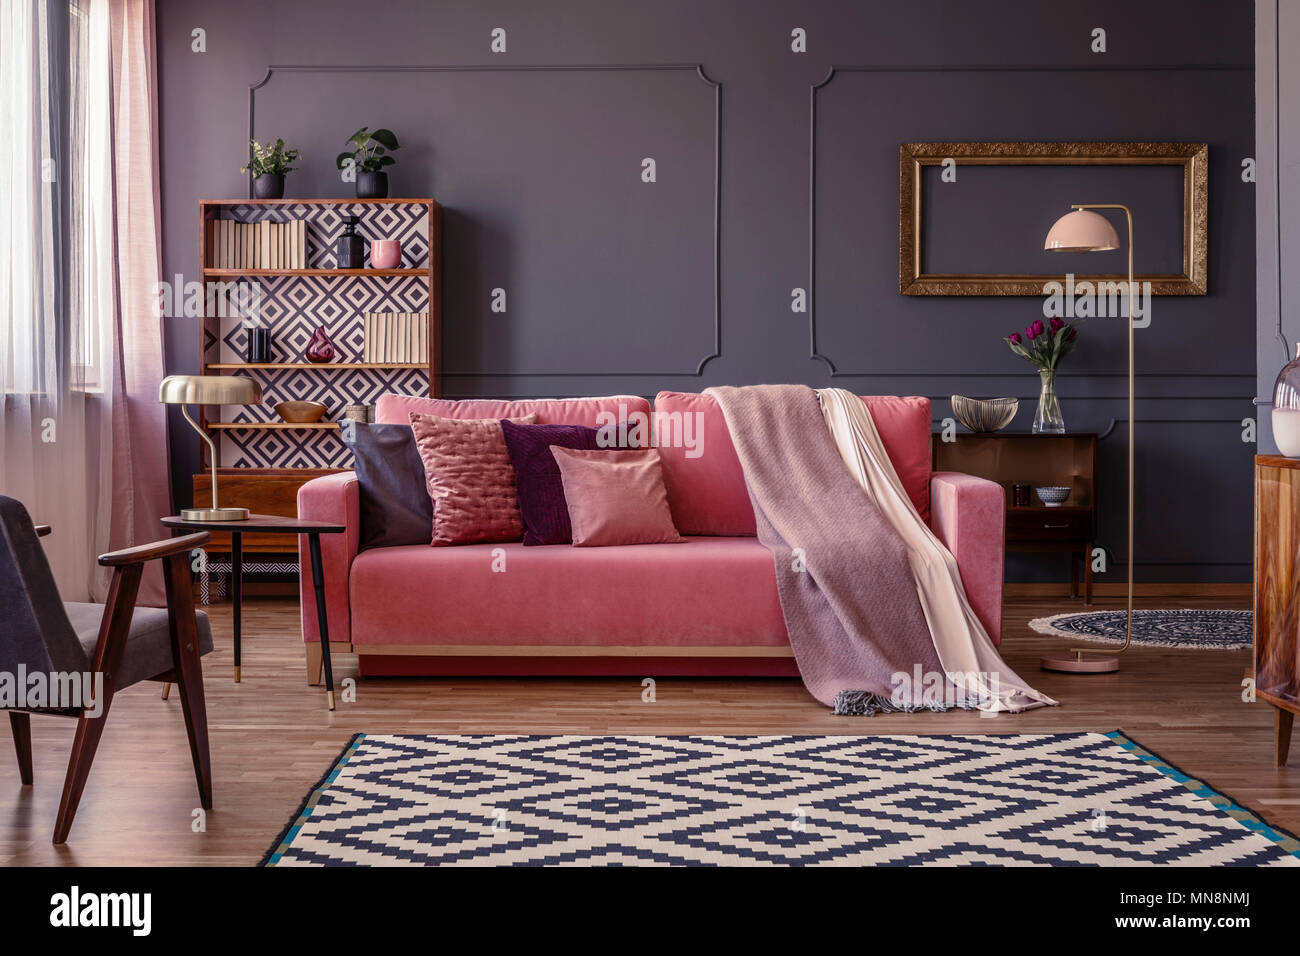 Pastell Rosa Decke Auf Ein Passendes Sofa Im Wohnzimmer Einrichtung Mit  Eleganten, Goldene Rahmen Auf Einem Dunkelgrauen Wand